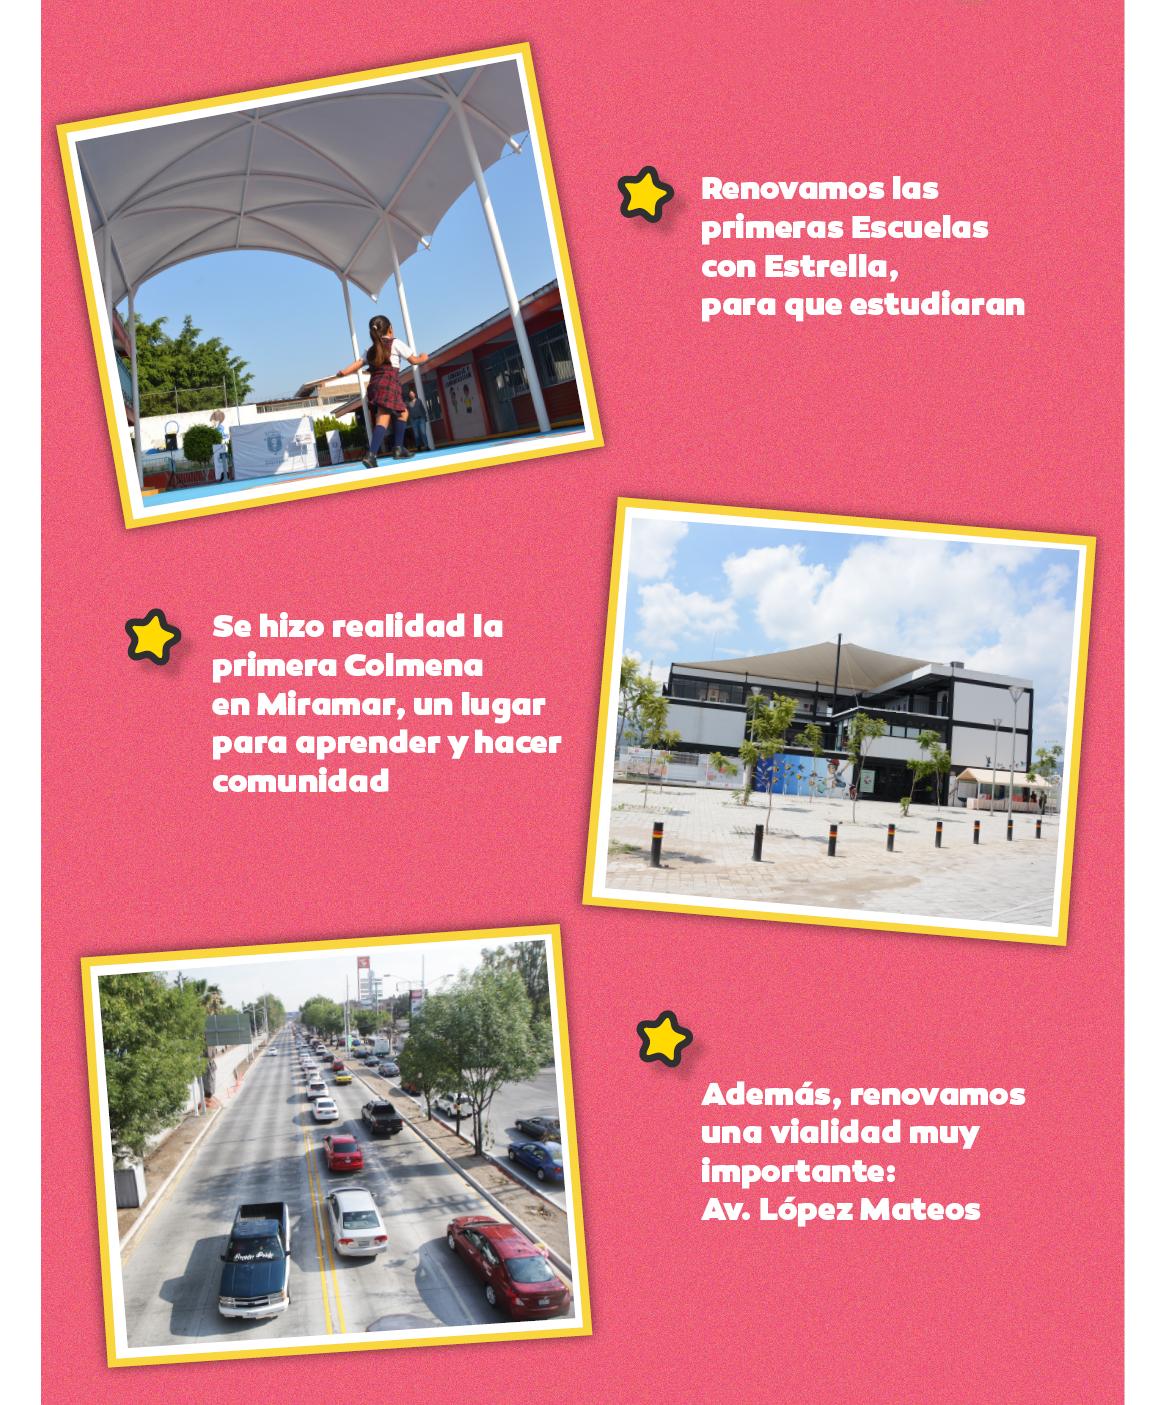 Renovamos las primeras Escuelas con Estrella para que estudiaran. Se hizo realidad la primera Colmena en Miramar, un lugar para aprender y hacer comunidad. Además, renovamos una vialidad muy importante: Av. López Mateos.